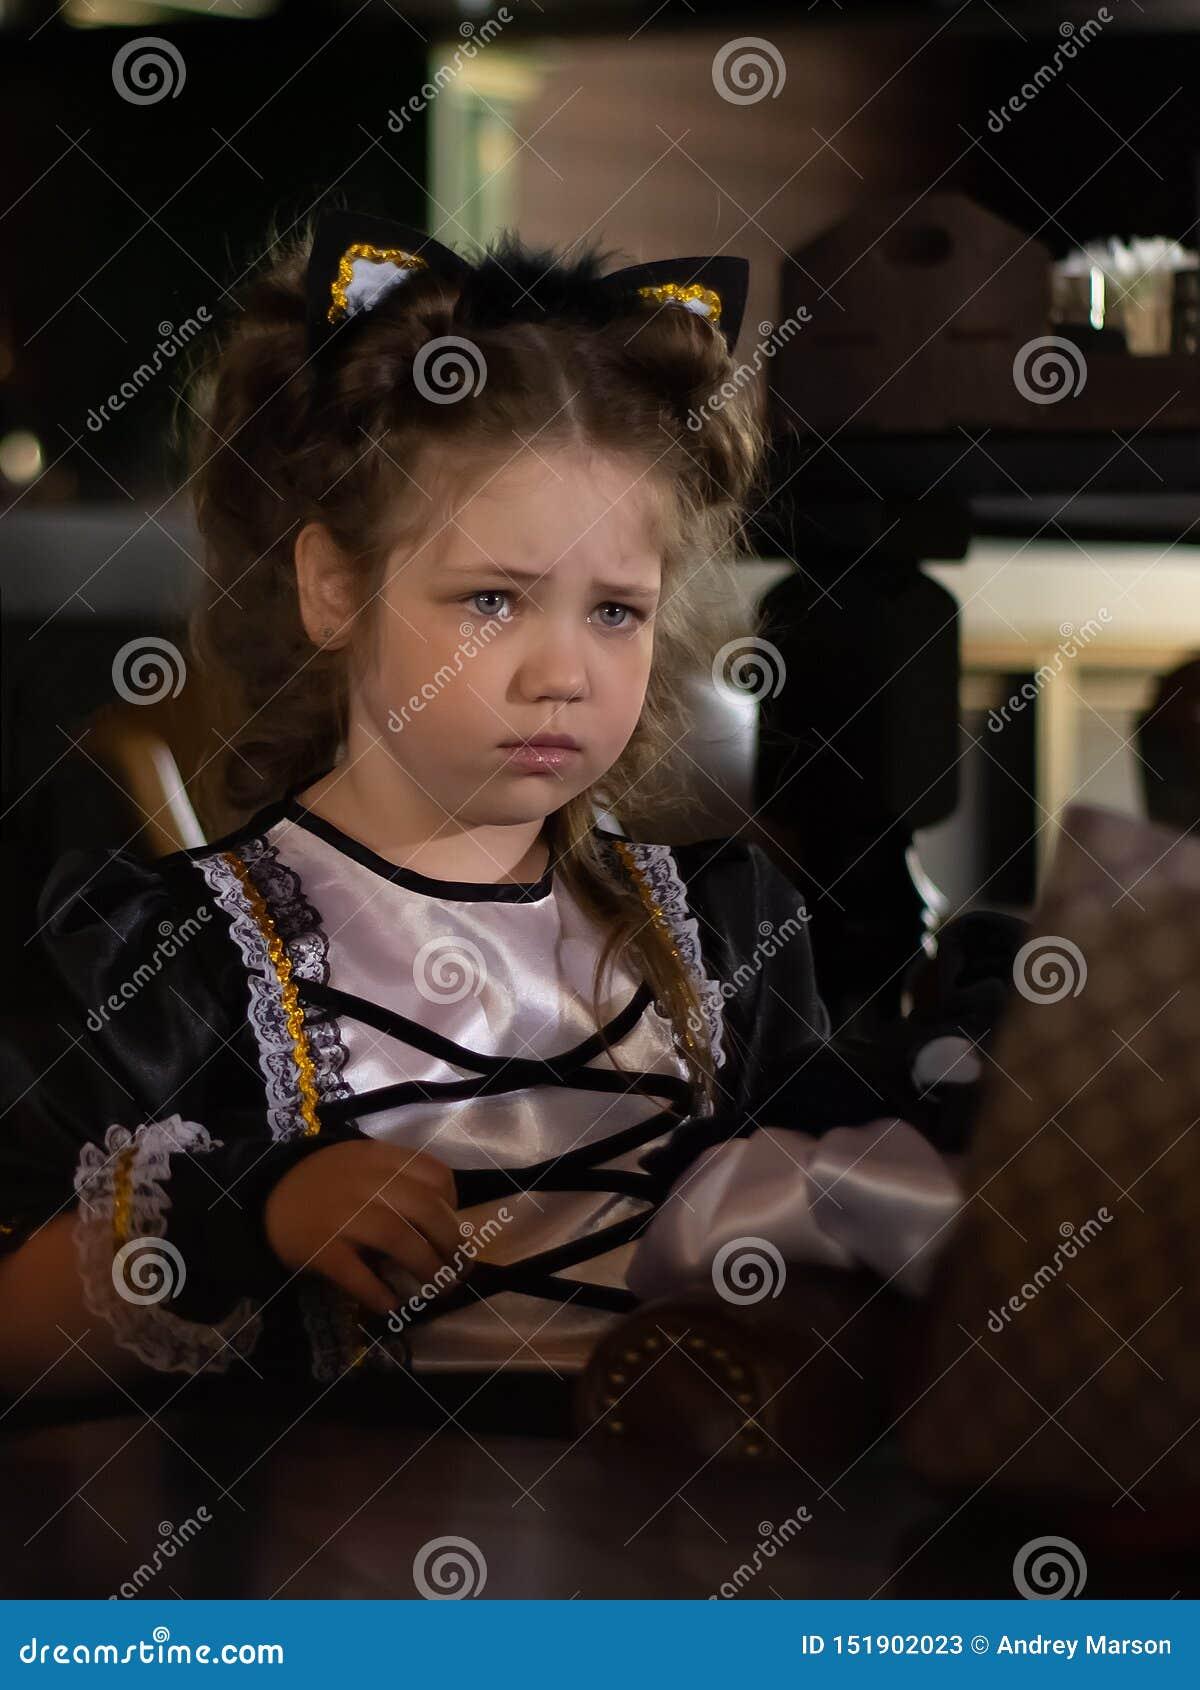 Sguardo triste della bambina Chiuda sul ritratto